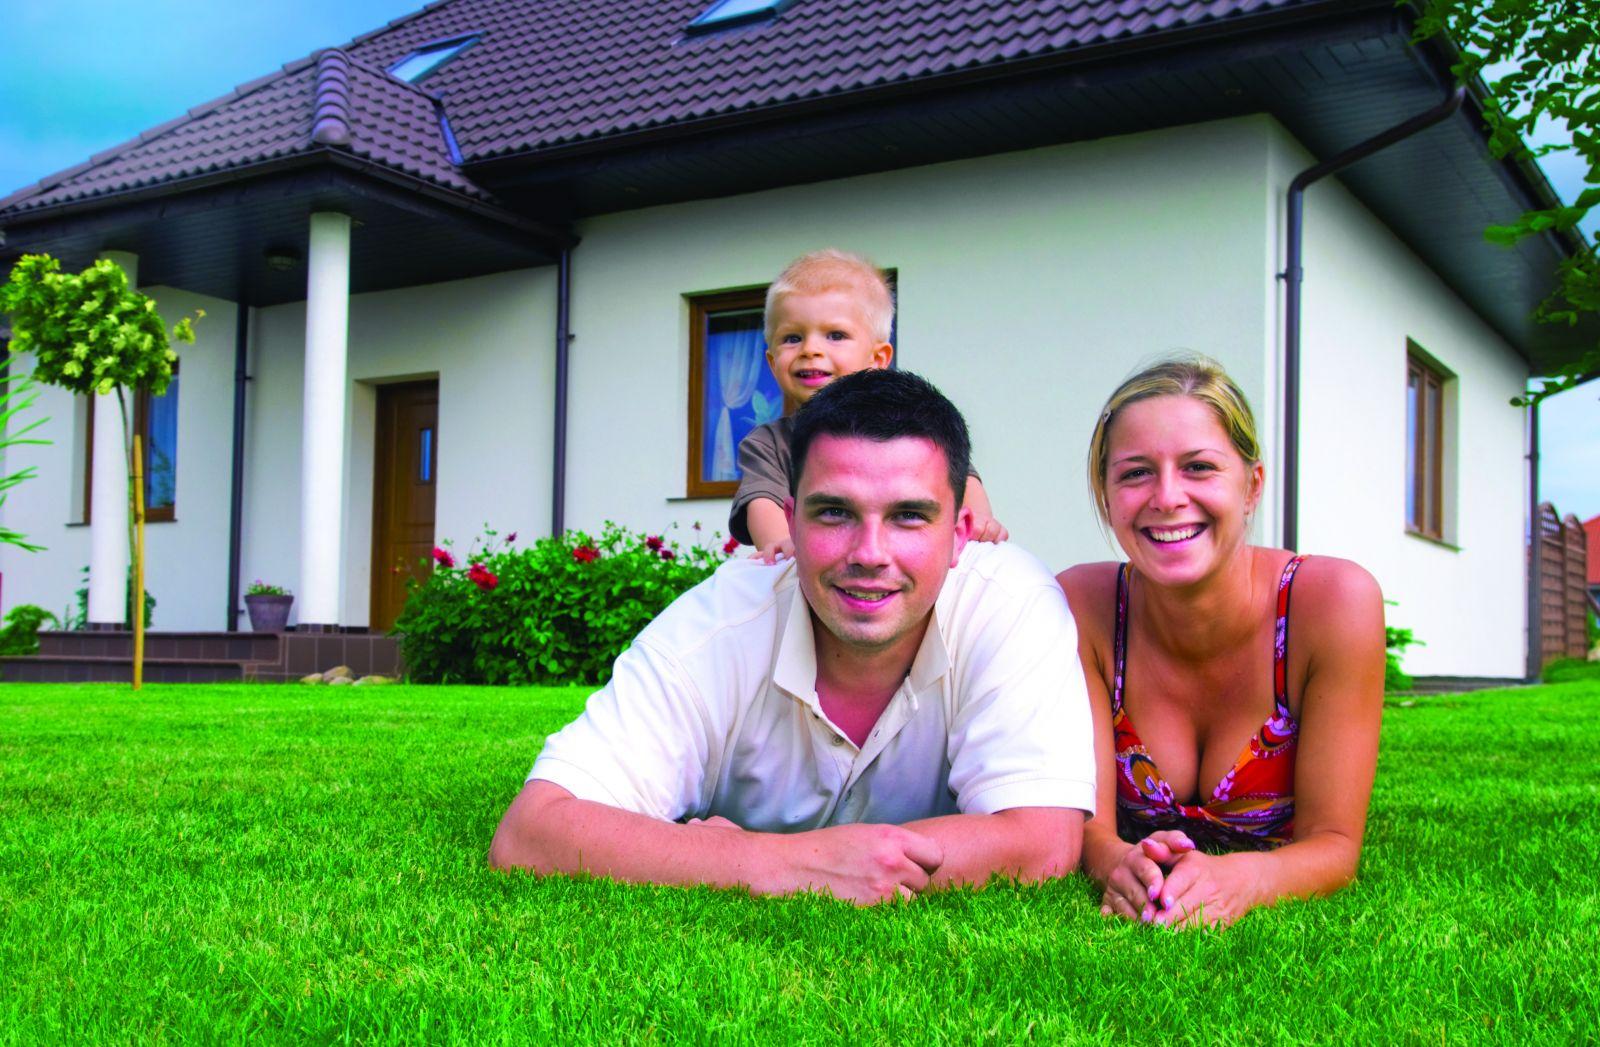 Tiszta udvar rendes ház pályázat beadása